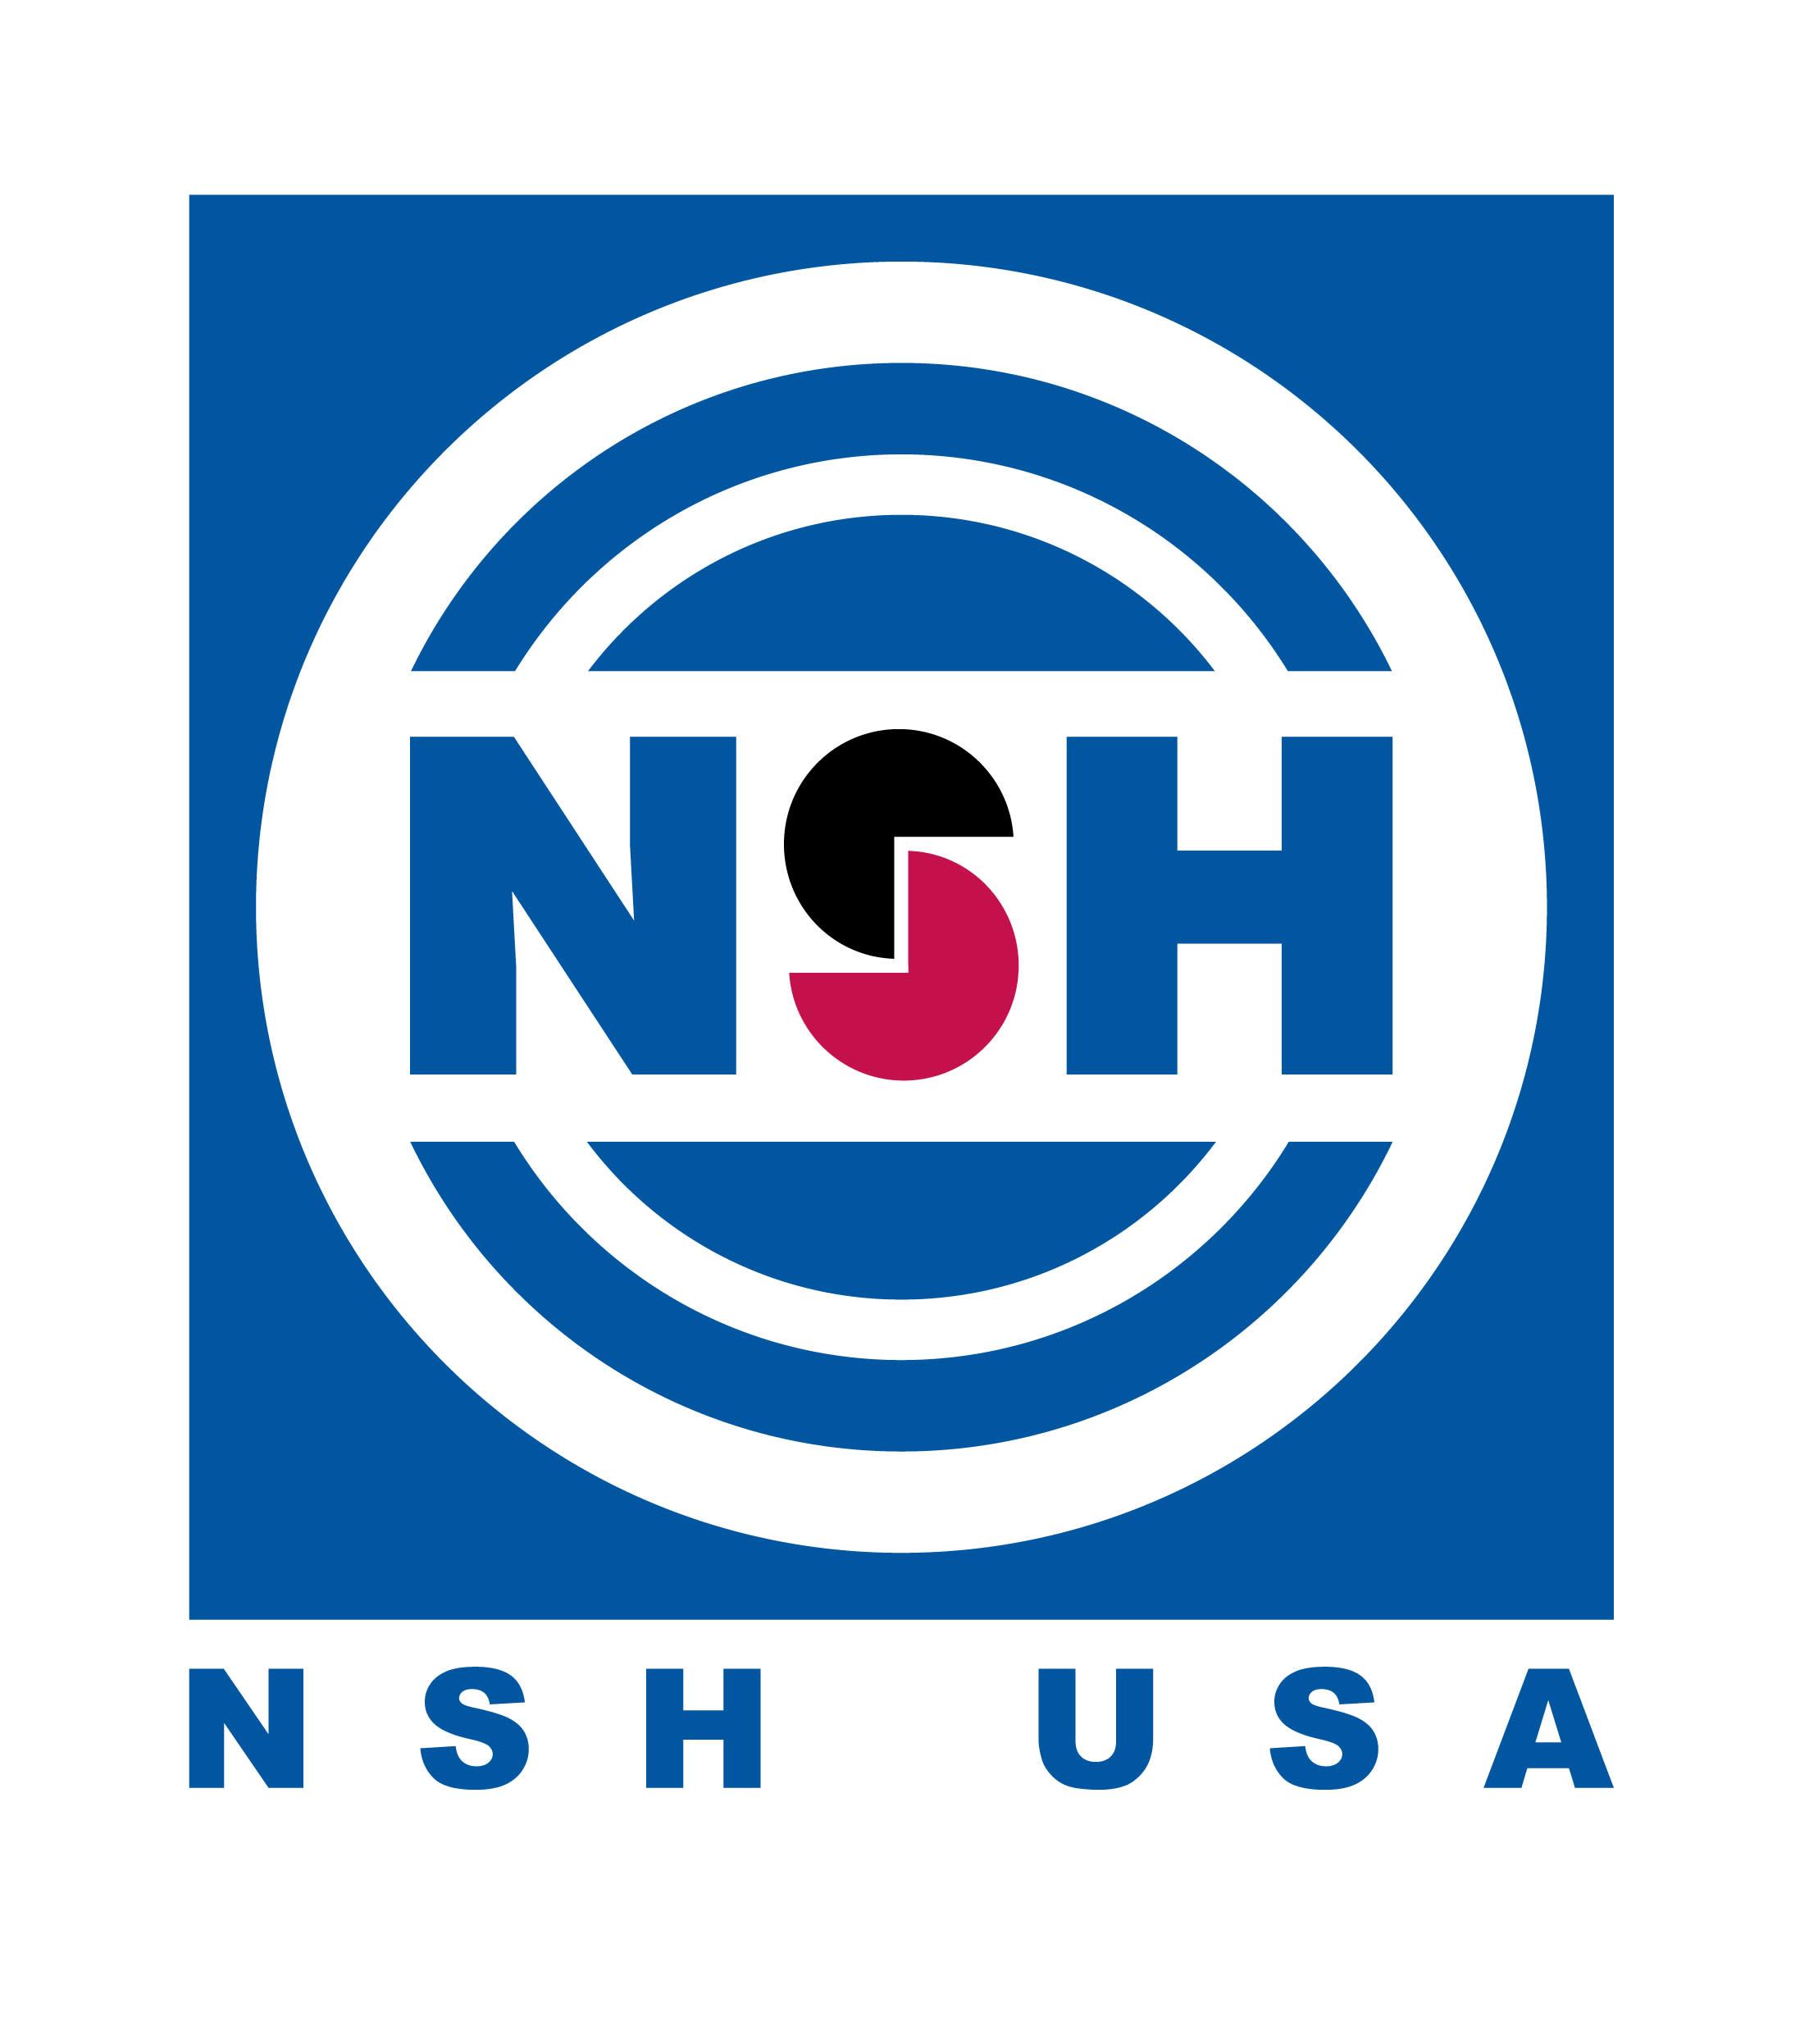 NSH USA Corporation - Albany, New York, USA